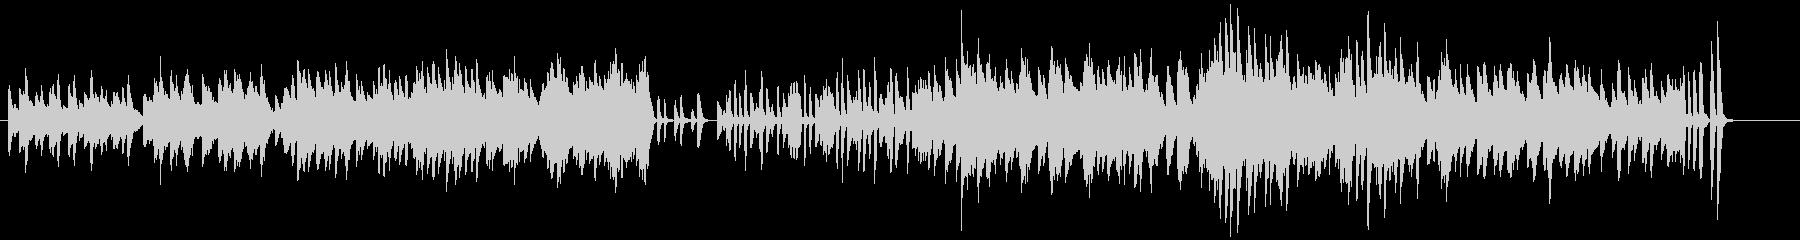 「スターワルツ」 かわいいピアノワルツの未再生の波形